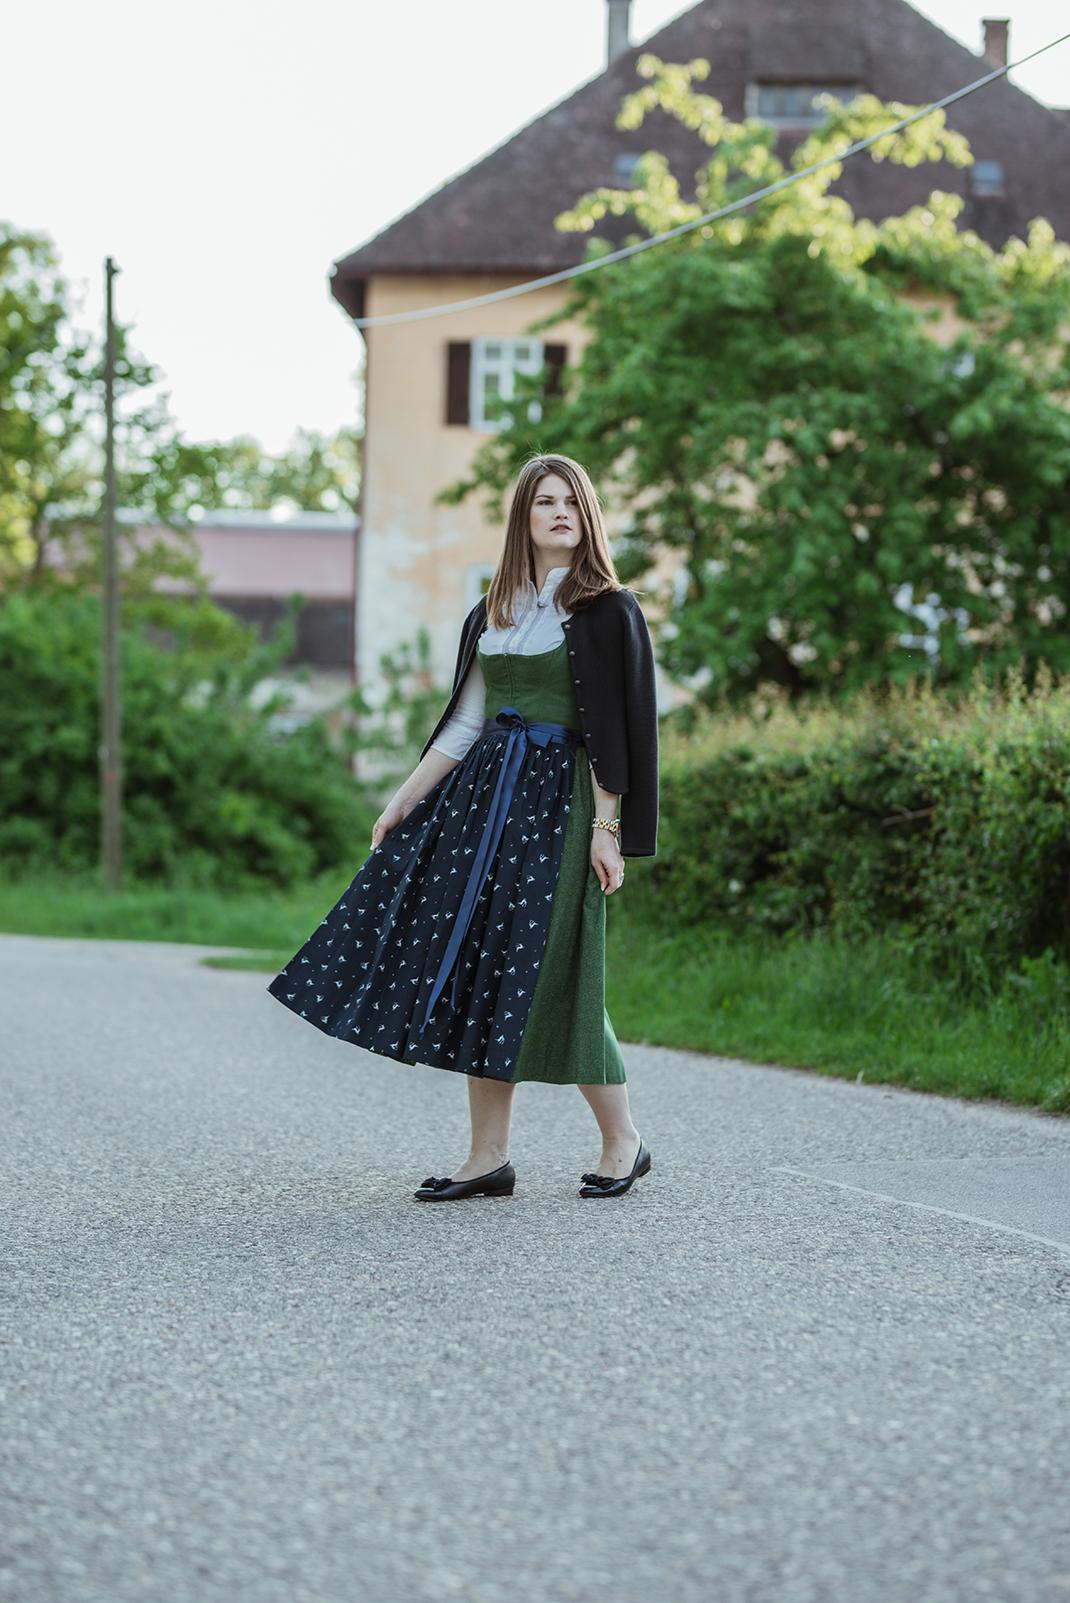 Josefine Tracht- 1 Dirndl, 6 Looks